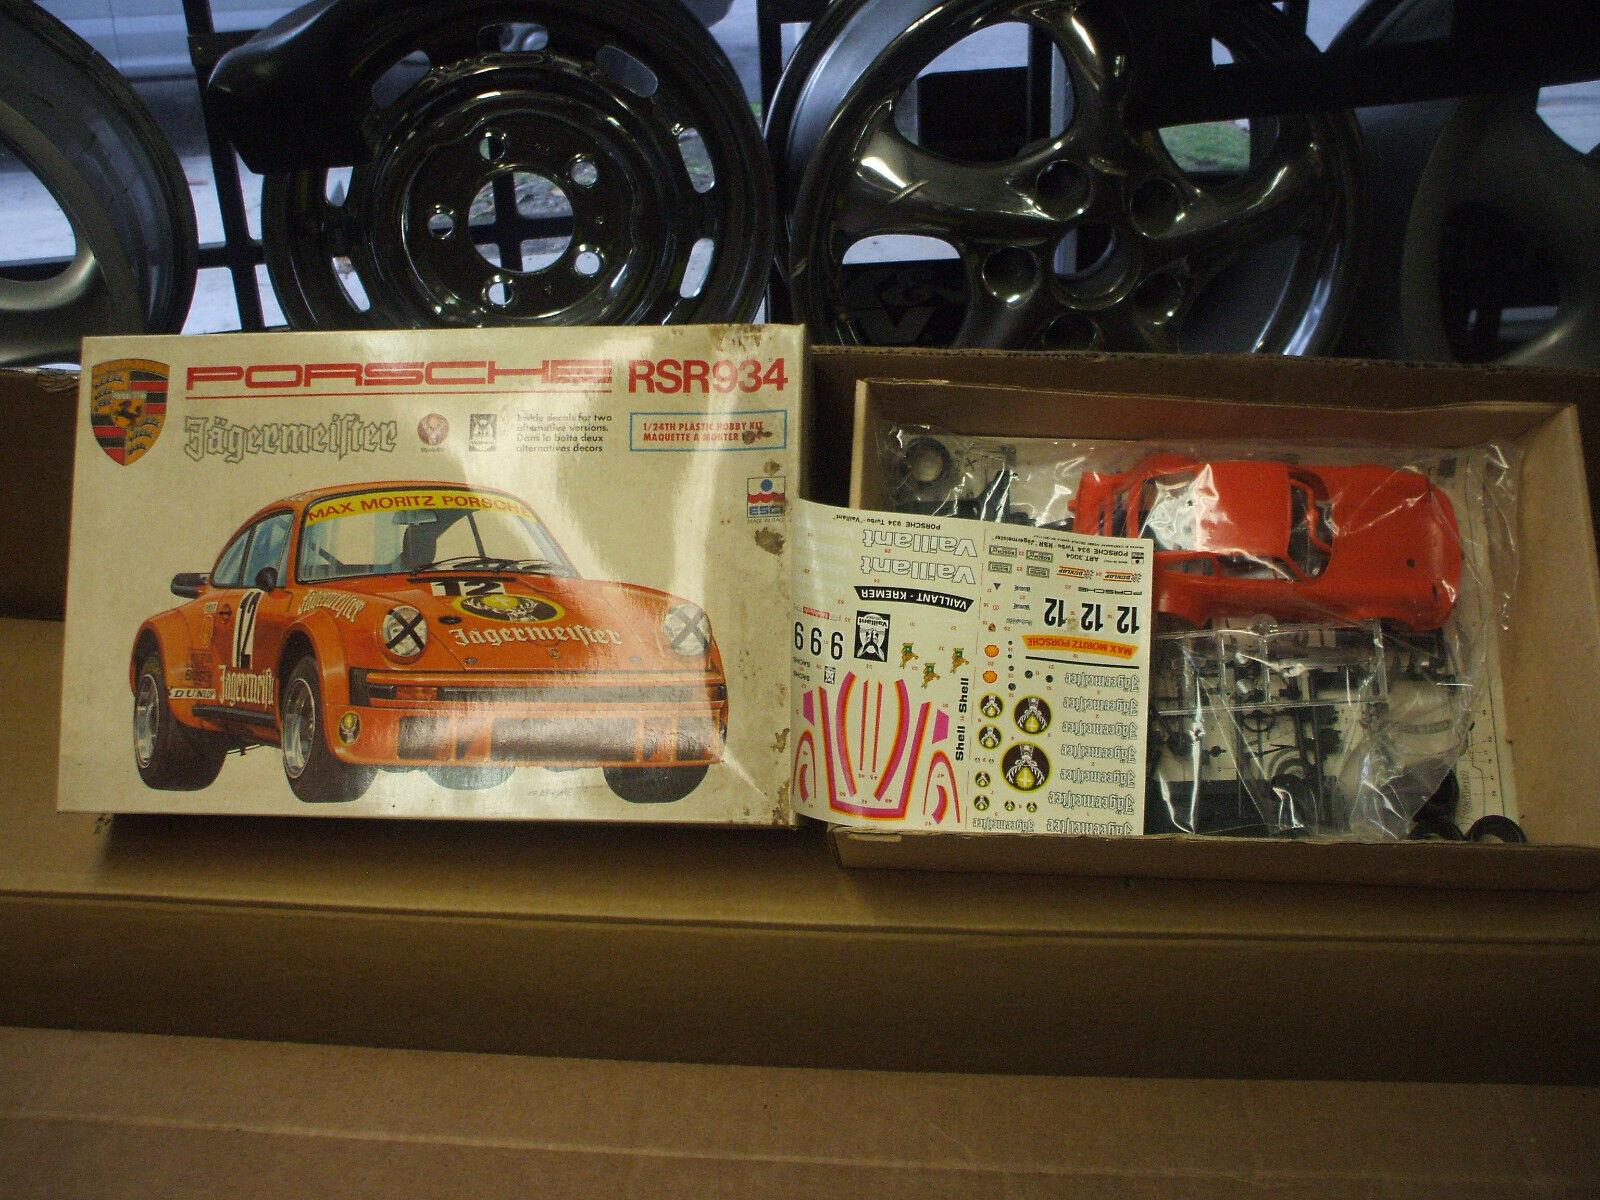 PORSCHE NEW IN IN BOX MODEL PORSCHE RSR 934 PORSCHE